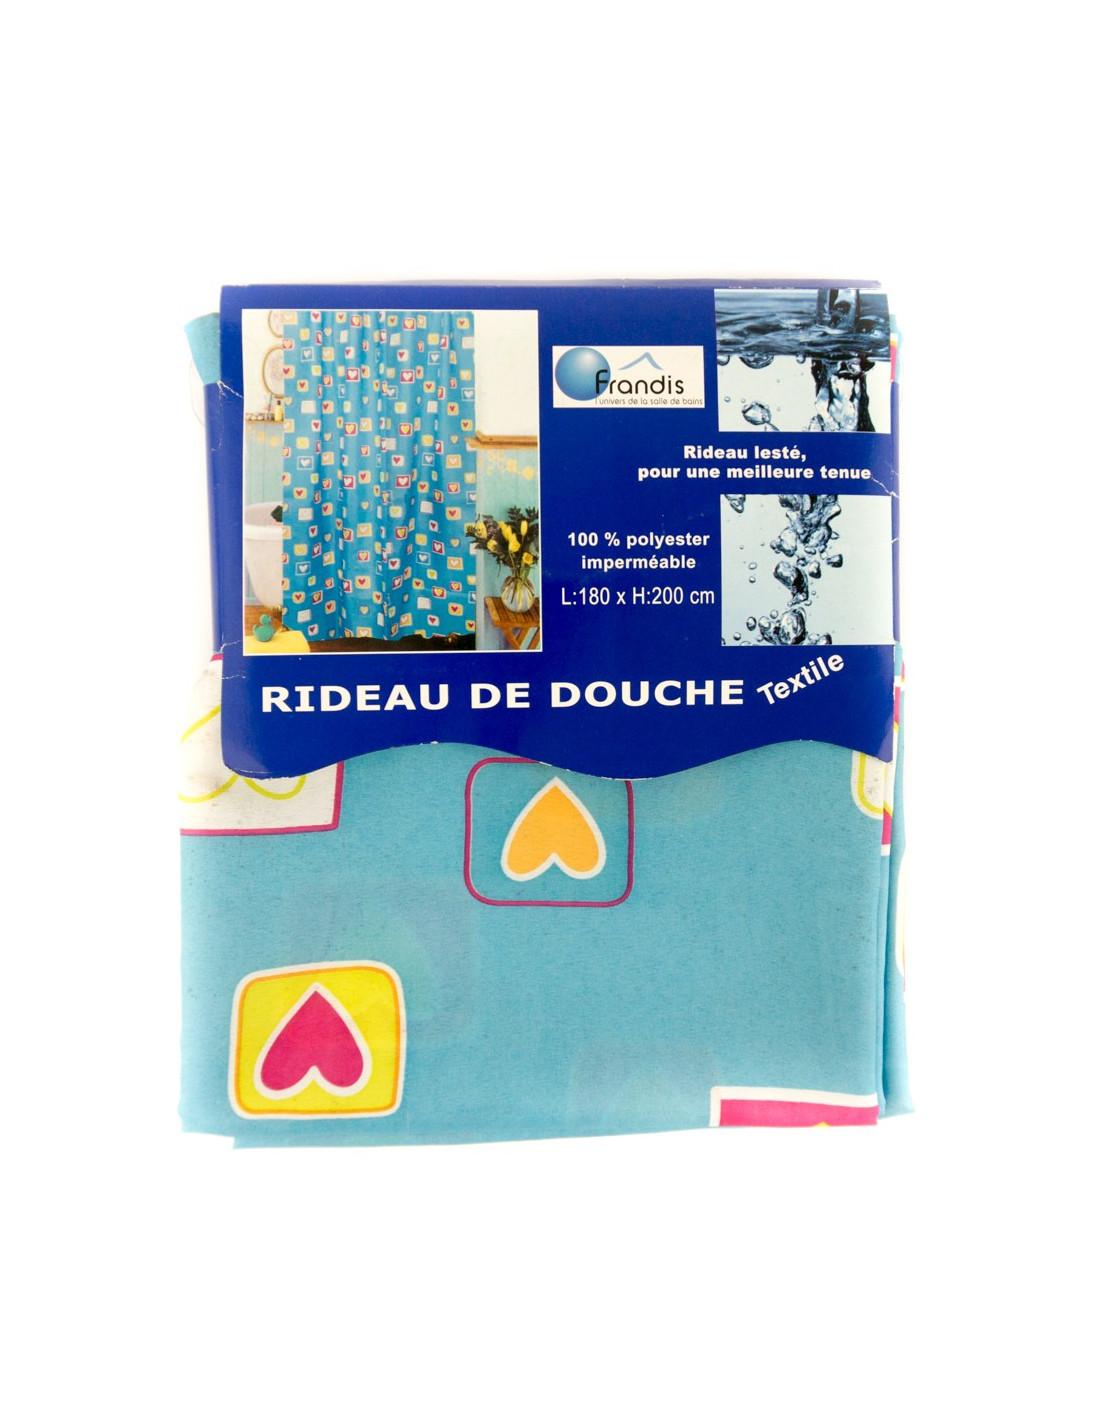 frandis rideau de douche 180x200cm bleu turquoise hyper. Black Bedroom Furniture Sets. Home Design Ideas